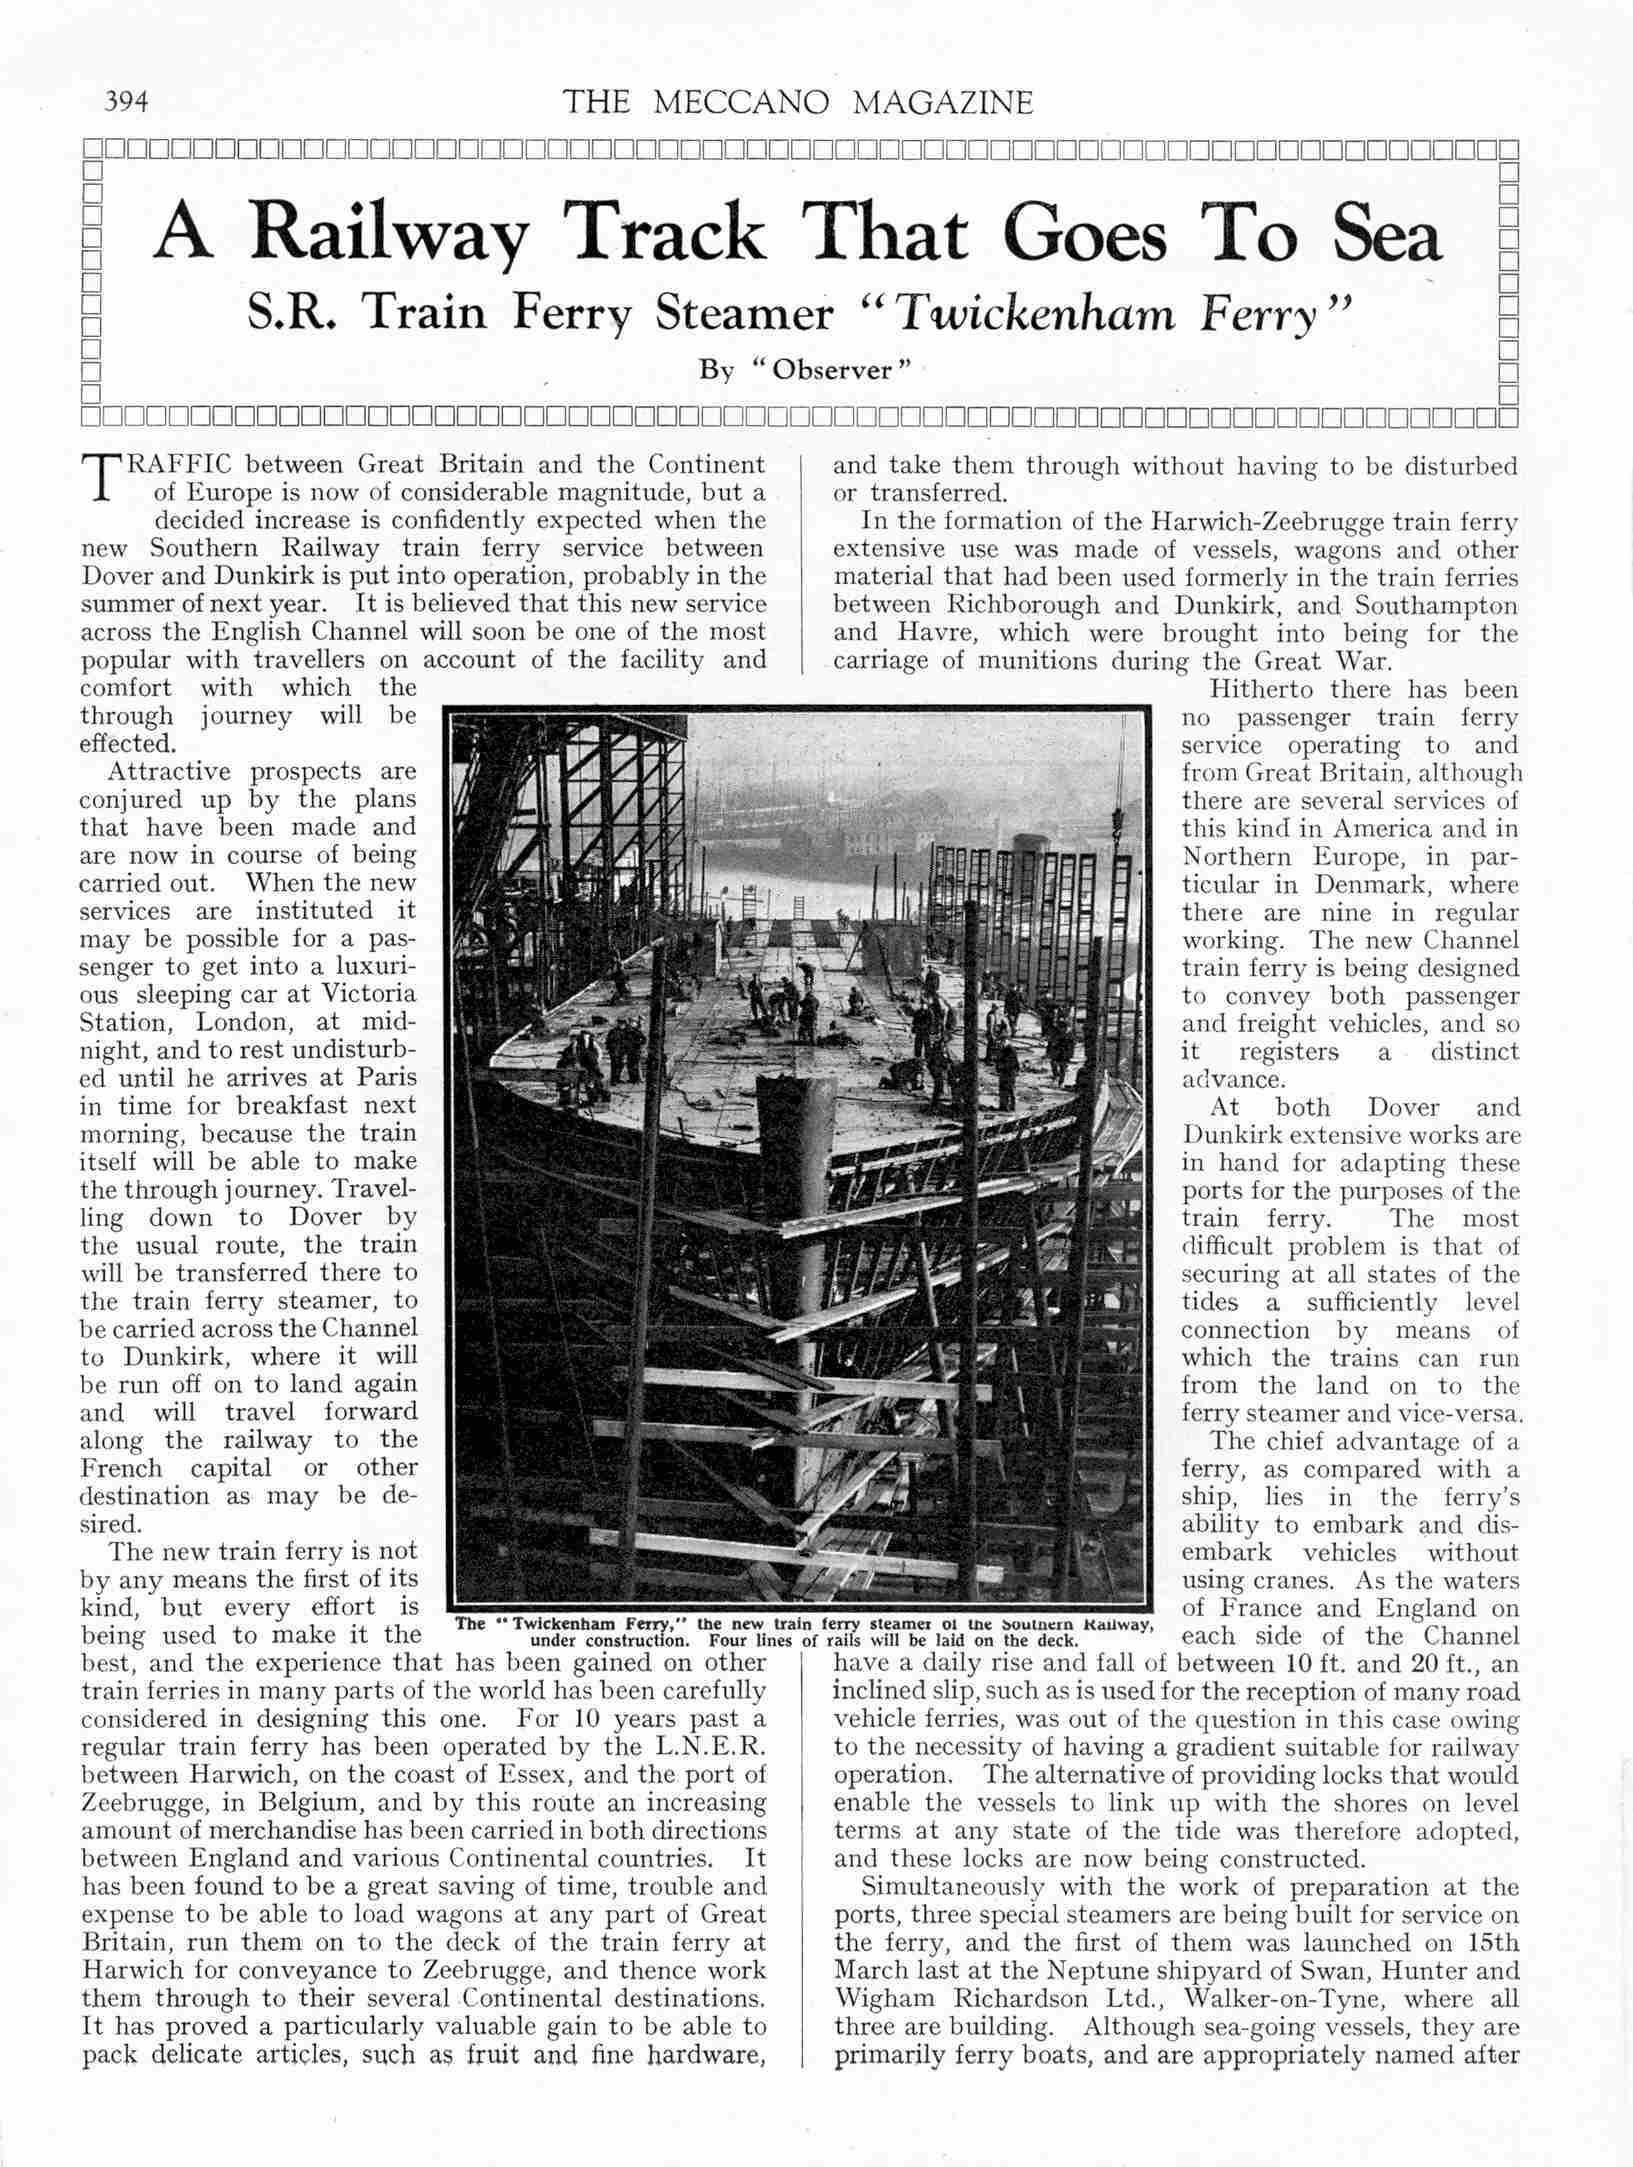 UK Meccano Magazine May 1934 Page 394